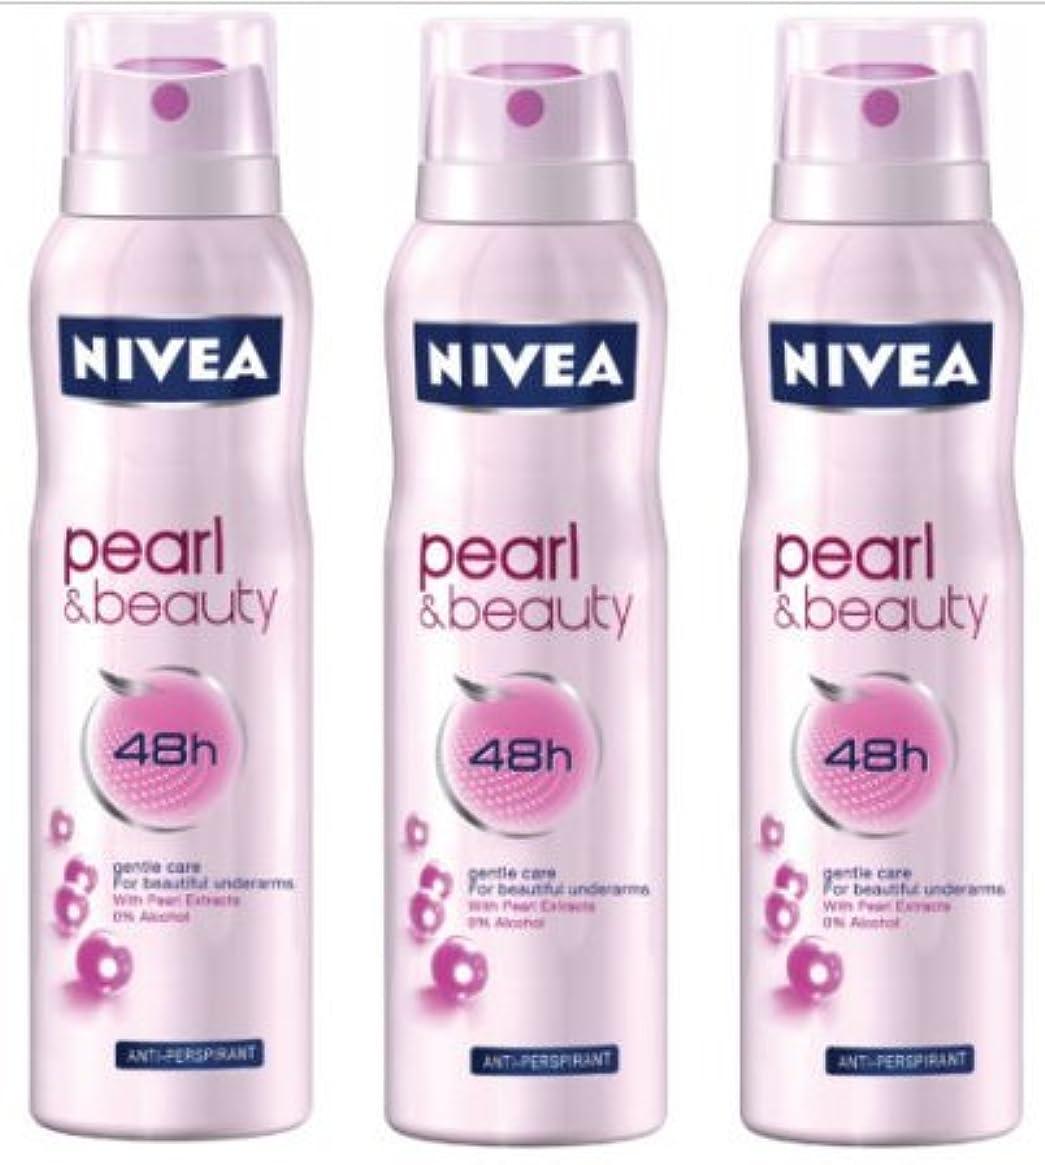 栄光の一過性胆嚢3 Nivea Pearl & Beauty Spray Deodorant Anti-perspirant 150ml - India - 並行輸入品 - 3 xニベアパール&ビューティスプレーデオドラントアンチパーマプライ150ml